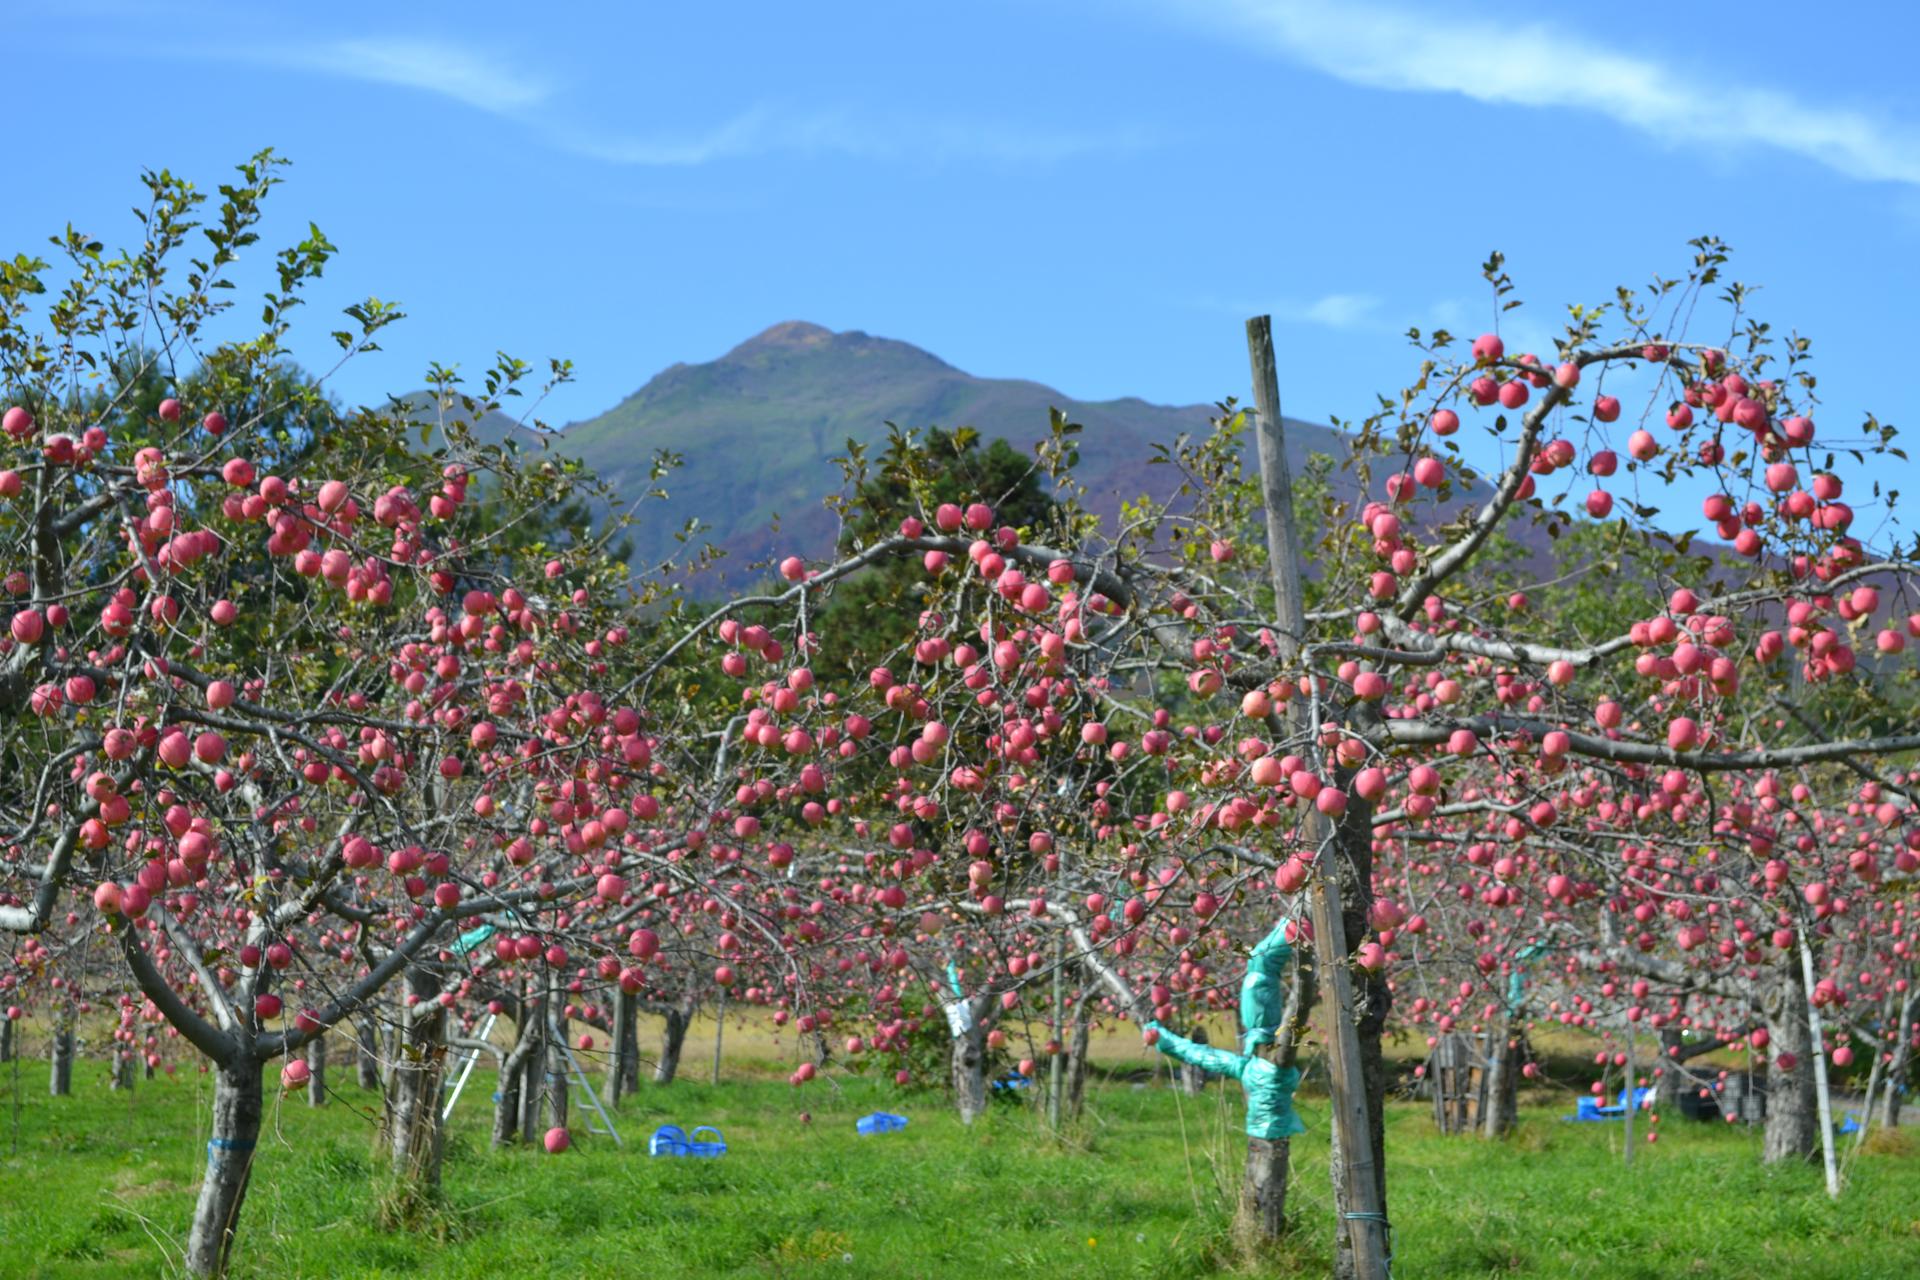 杉山自然栽培研究農園メイン画像